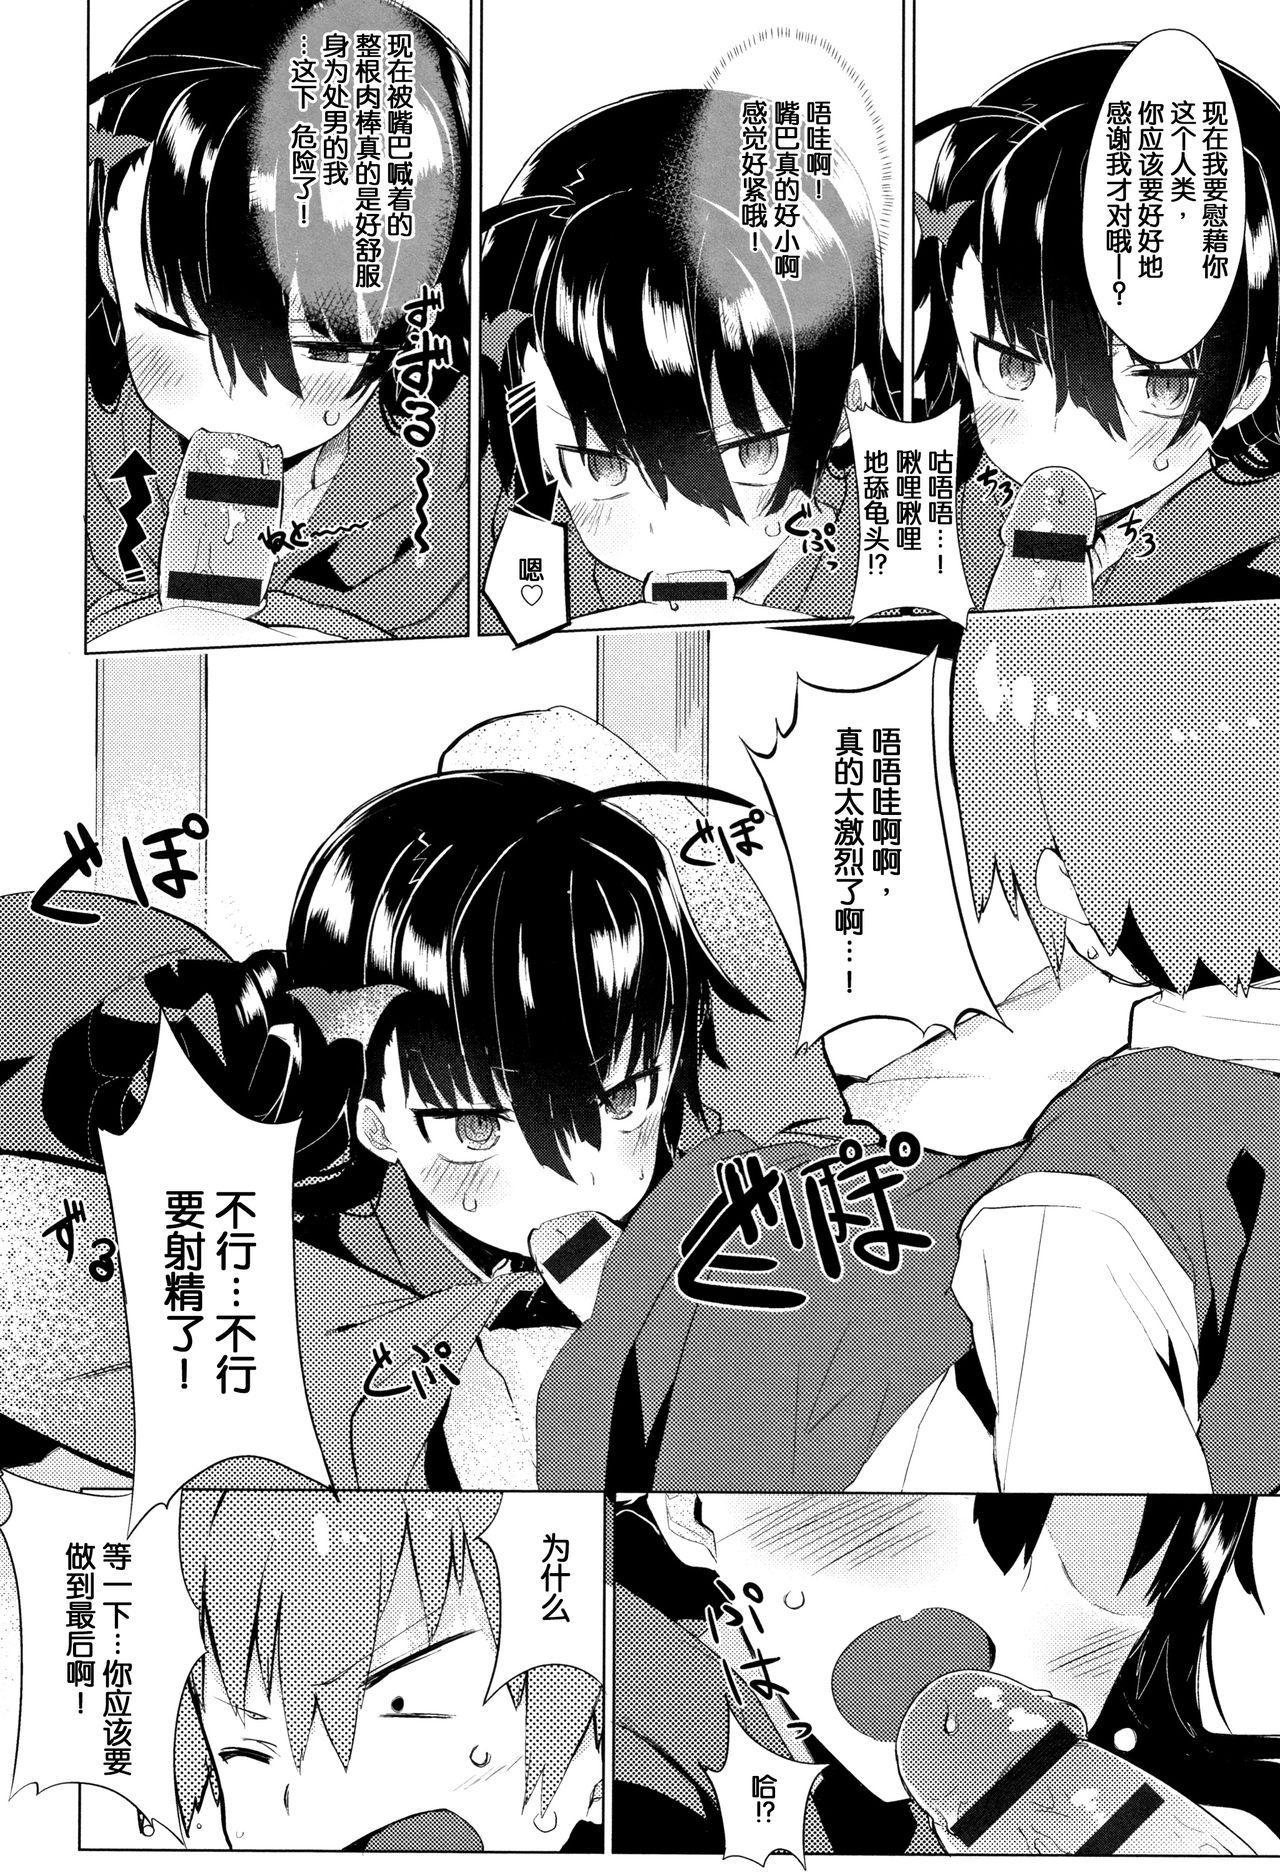 Hatsukoi Engage 206